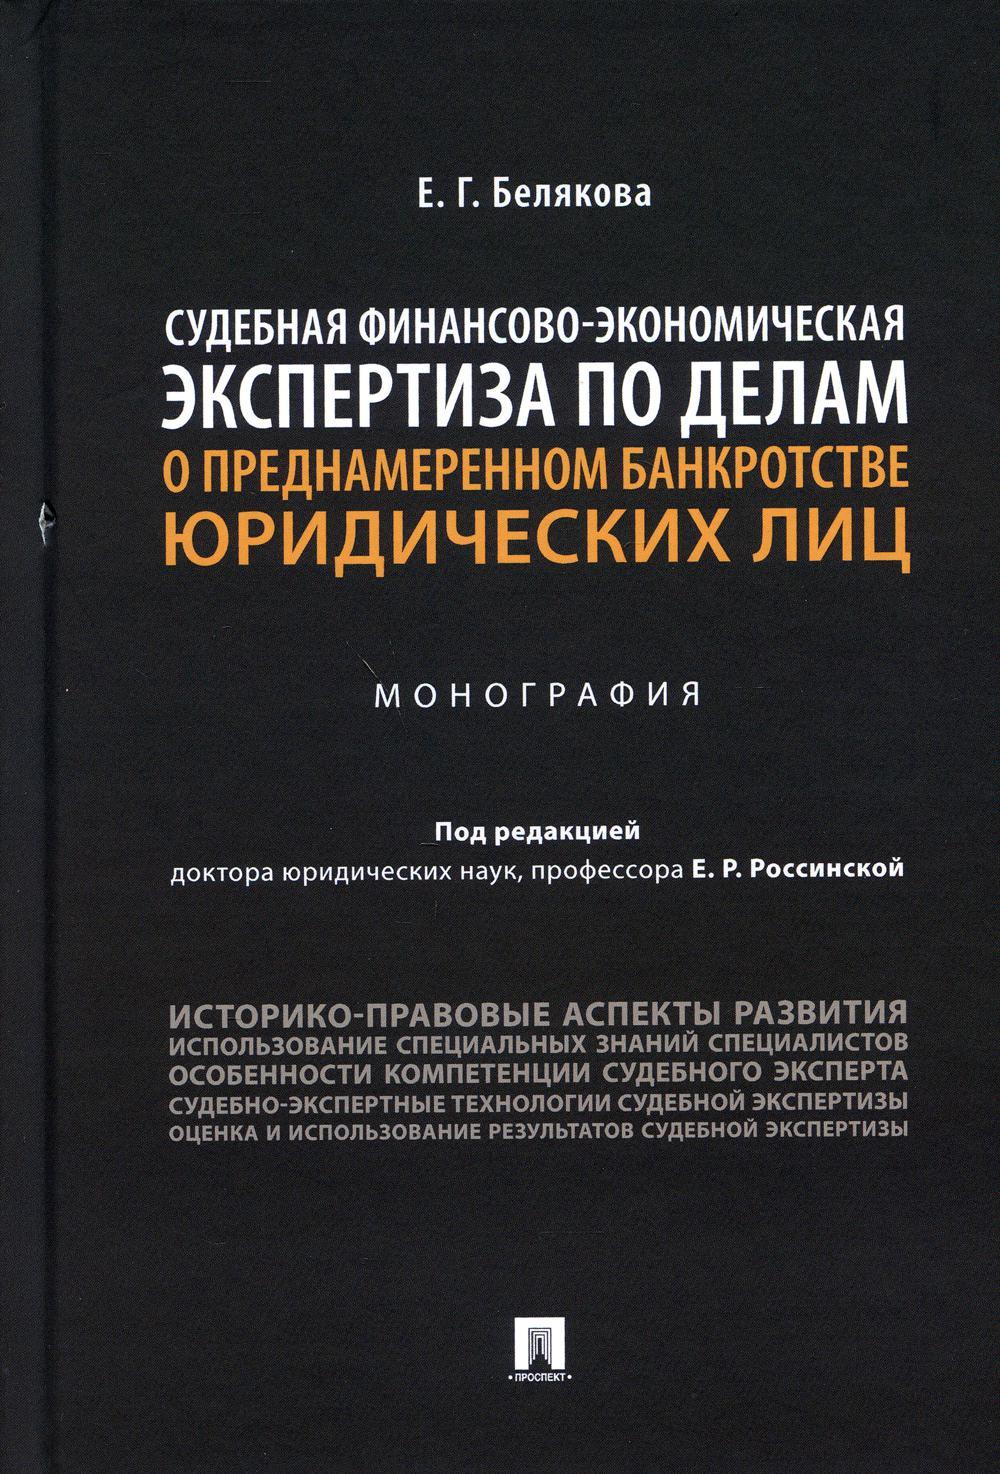 Судебная финансово-экономическая экспертиза по делам о преднамеренном банкротстве юридических лиц. Монография